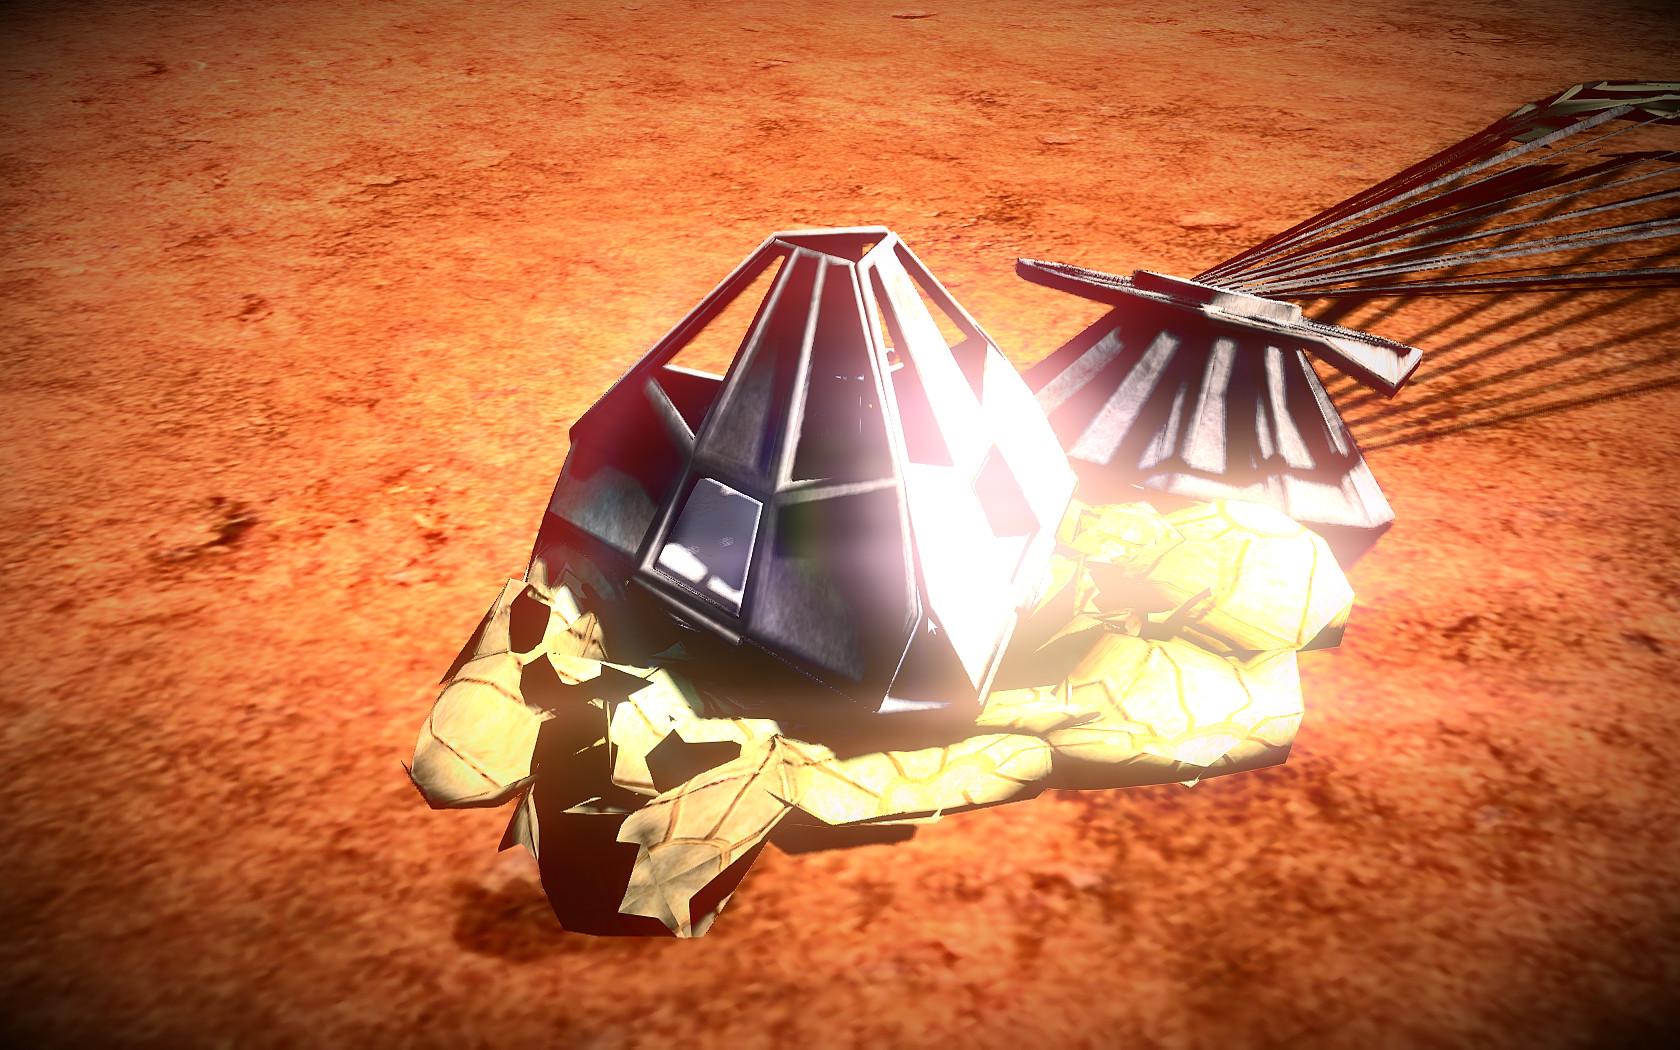 Mars Simulator - Red Planet Screenshot 1